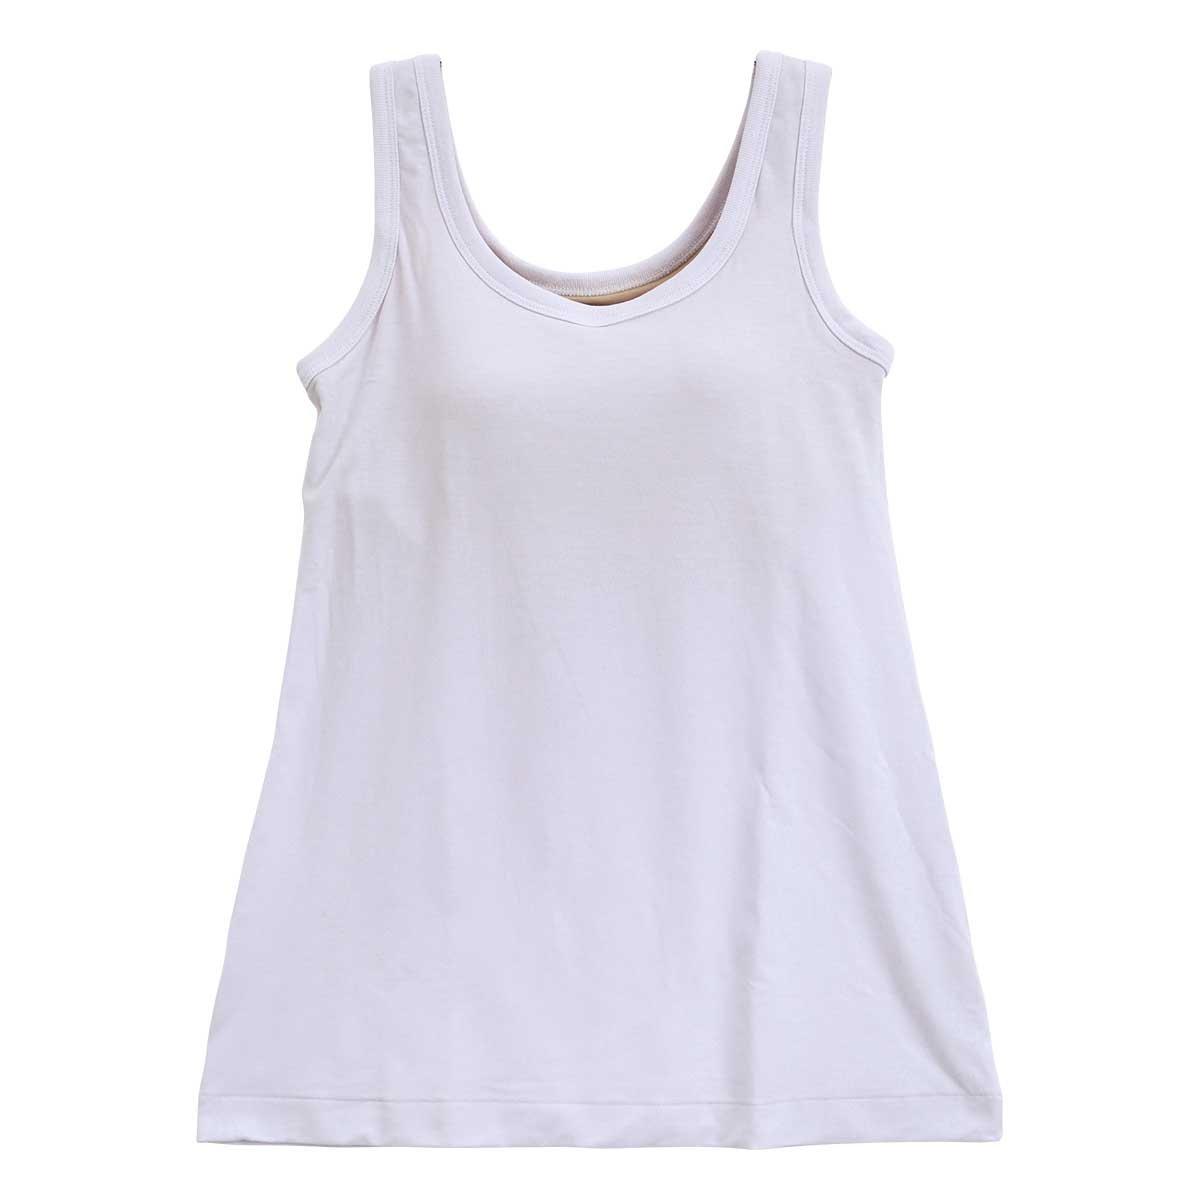 (エムエックスピー) MXP WOMENS ファインドライ FINE DRY ブラタンクトップ カップ付き(WH-ホワイト、M) B07CYP3JVP Small|WH-ホワイト WH-ホワイト Small